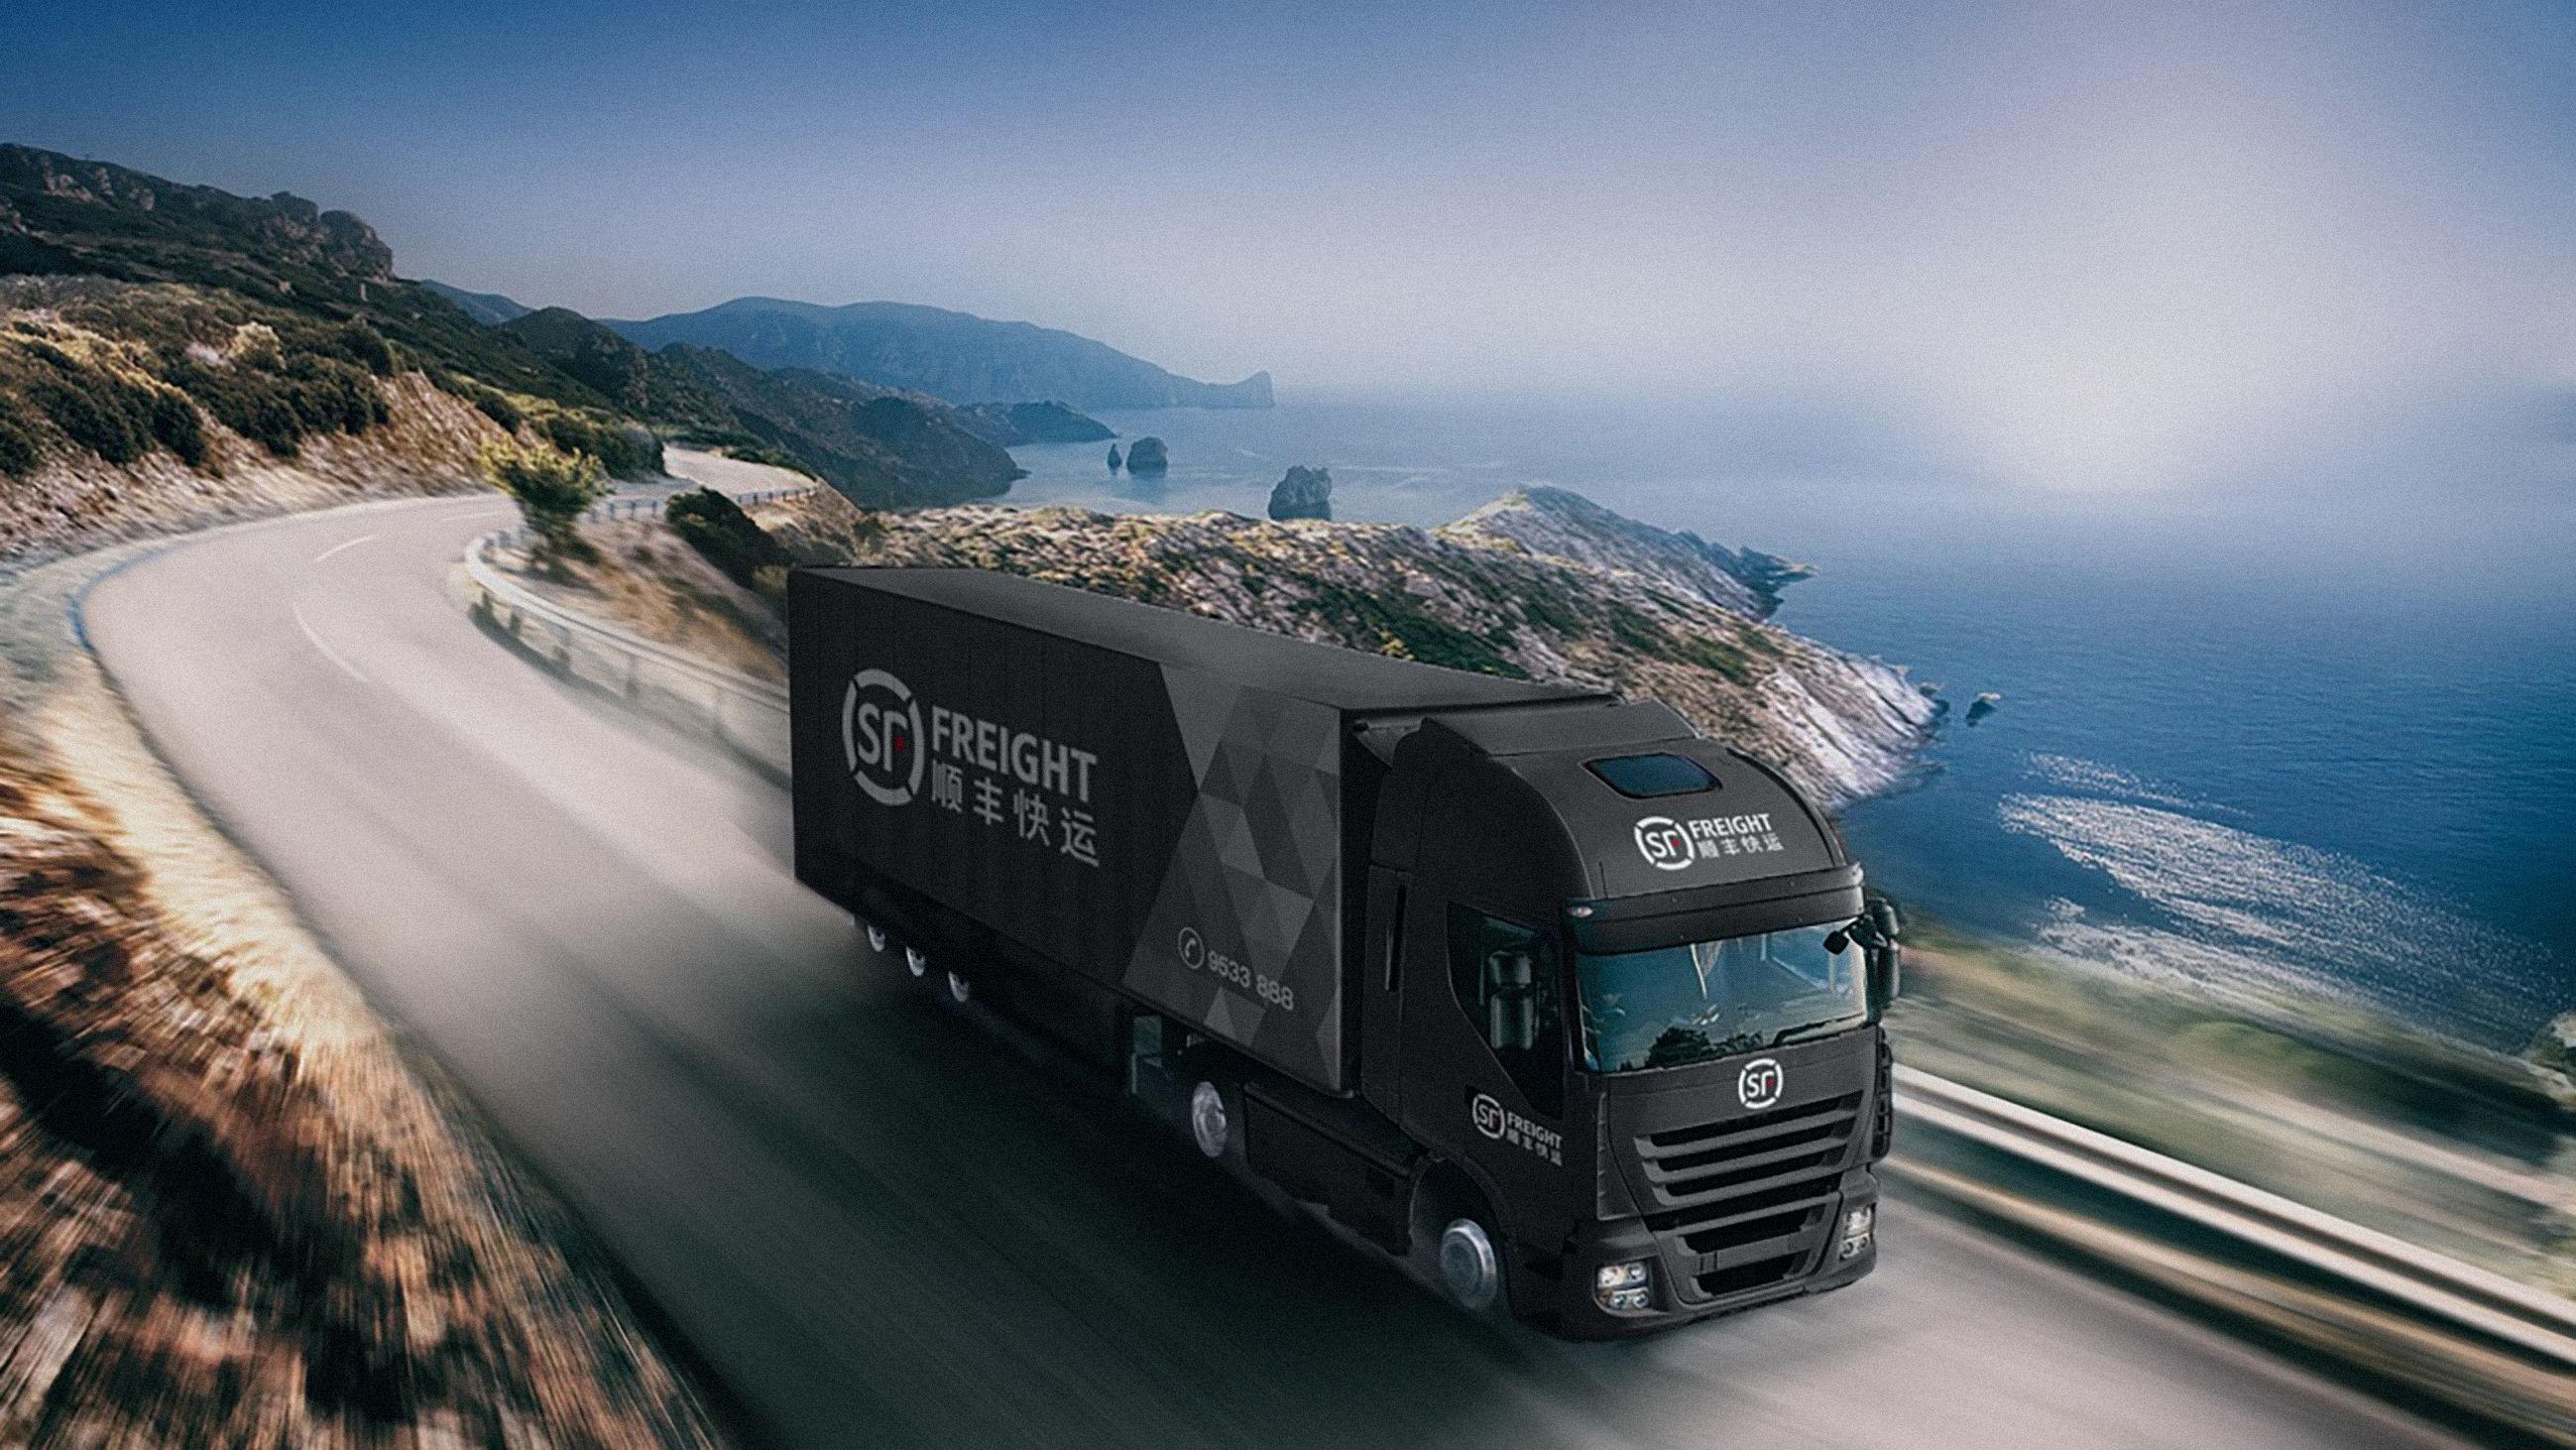 高峰日均货量超5.8万吨!从中报解码顺丰快运增长与效益背后的秘密